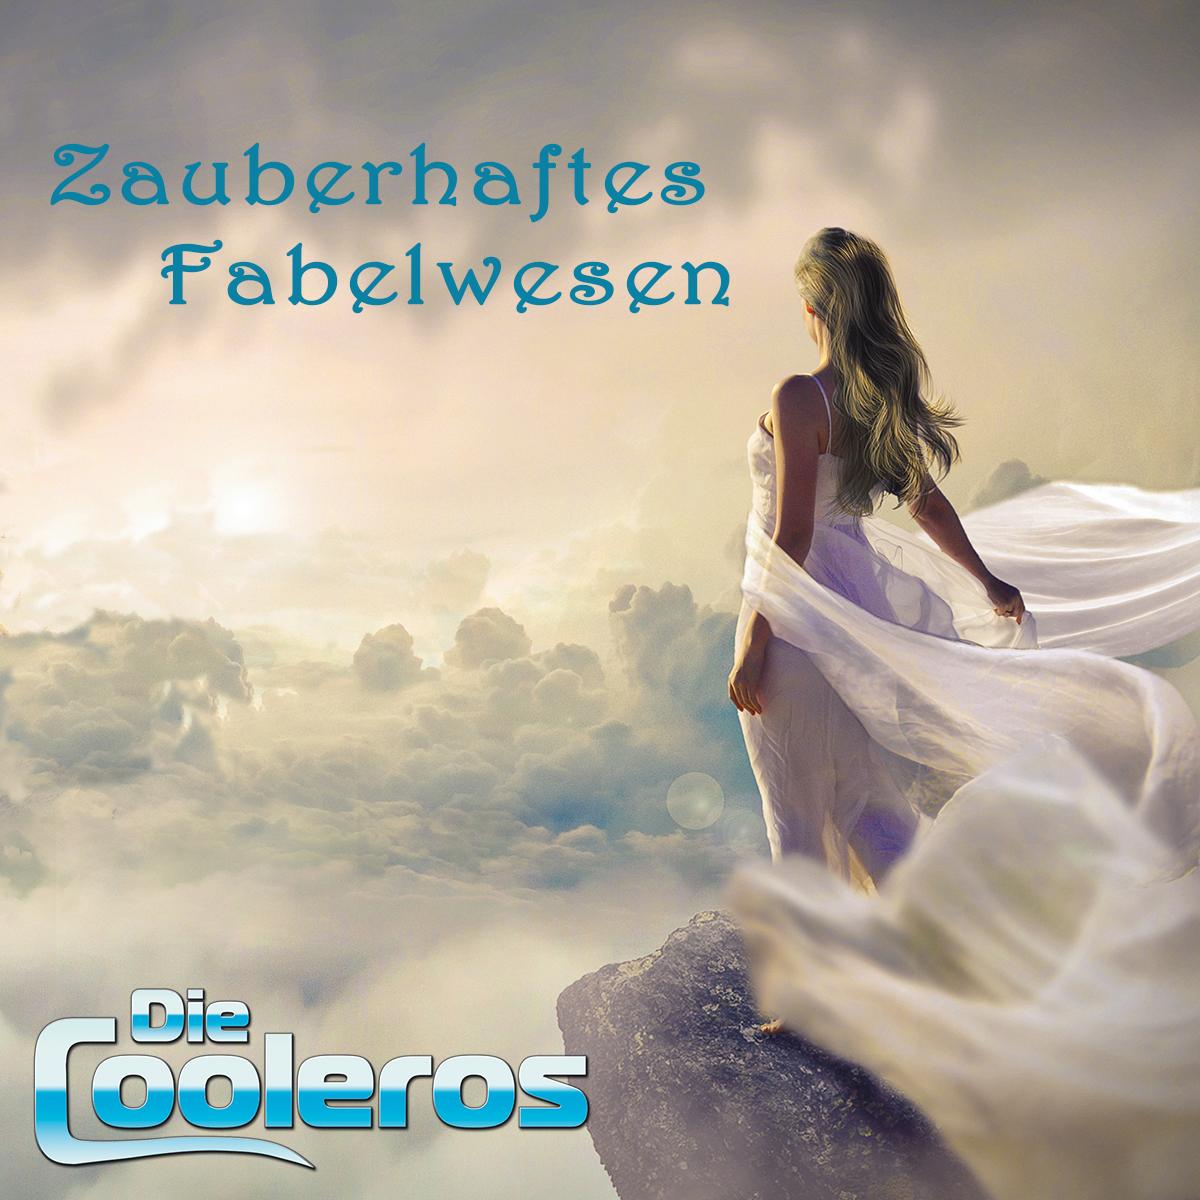 Die Cooleros – Zauberhaftes Fabelwesen